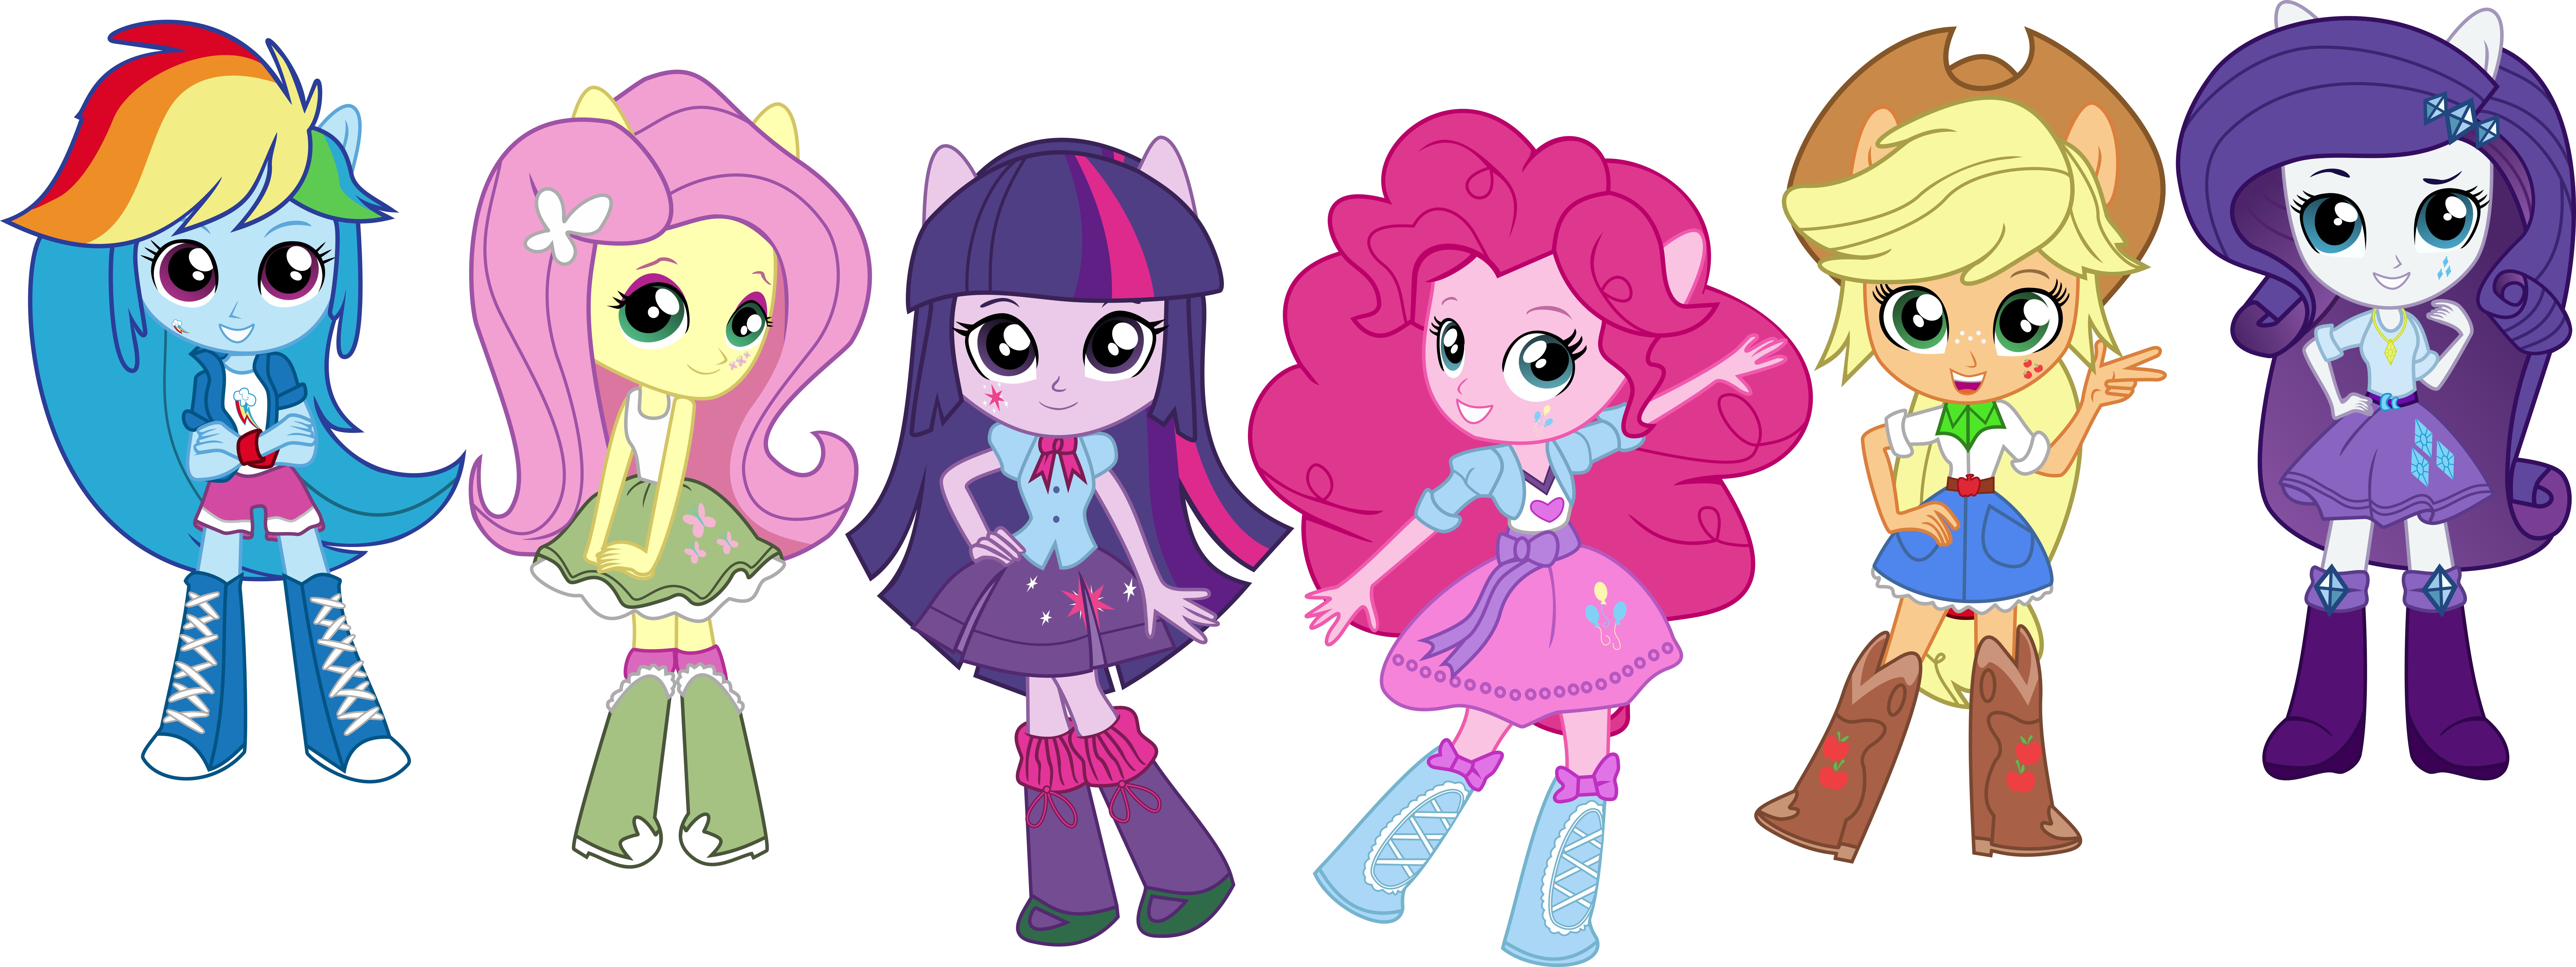 equestria girls minis by gabrielwoj on deviantart